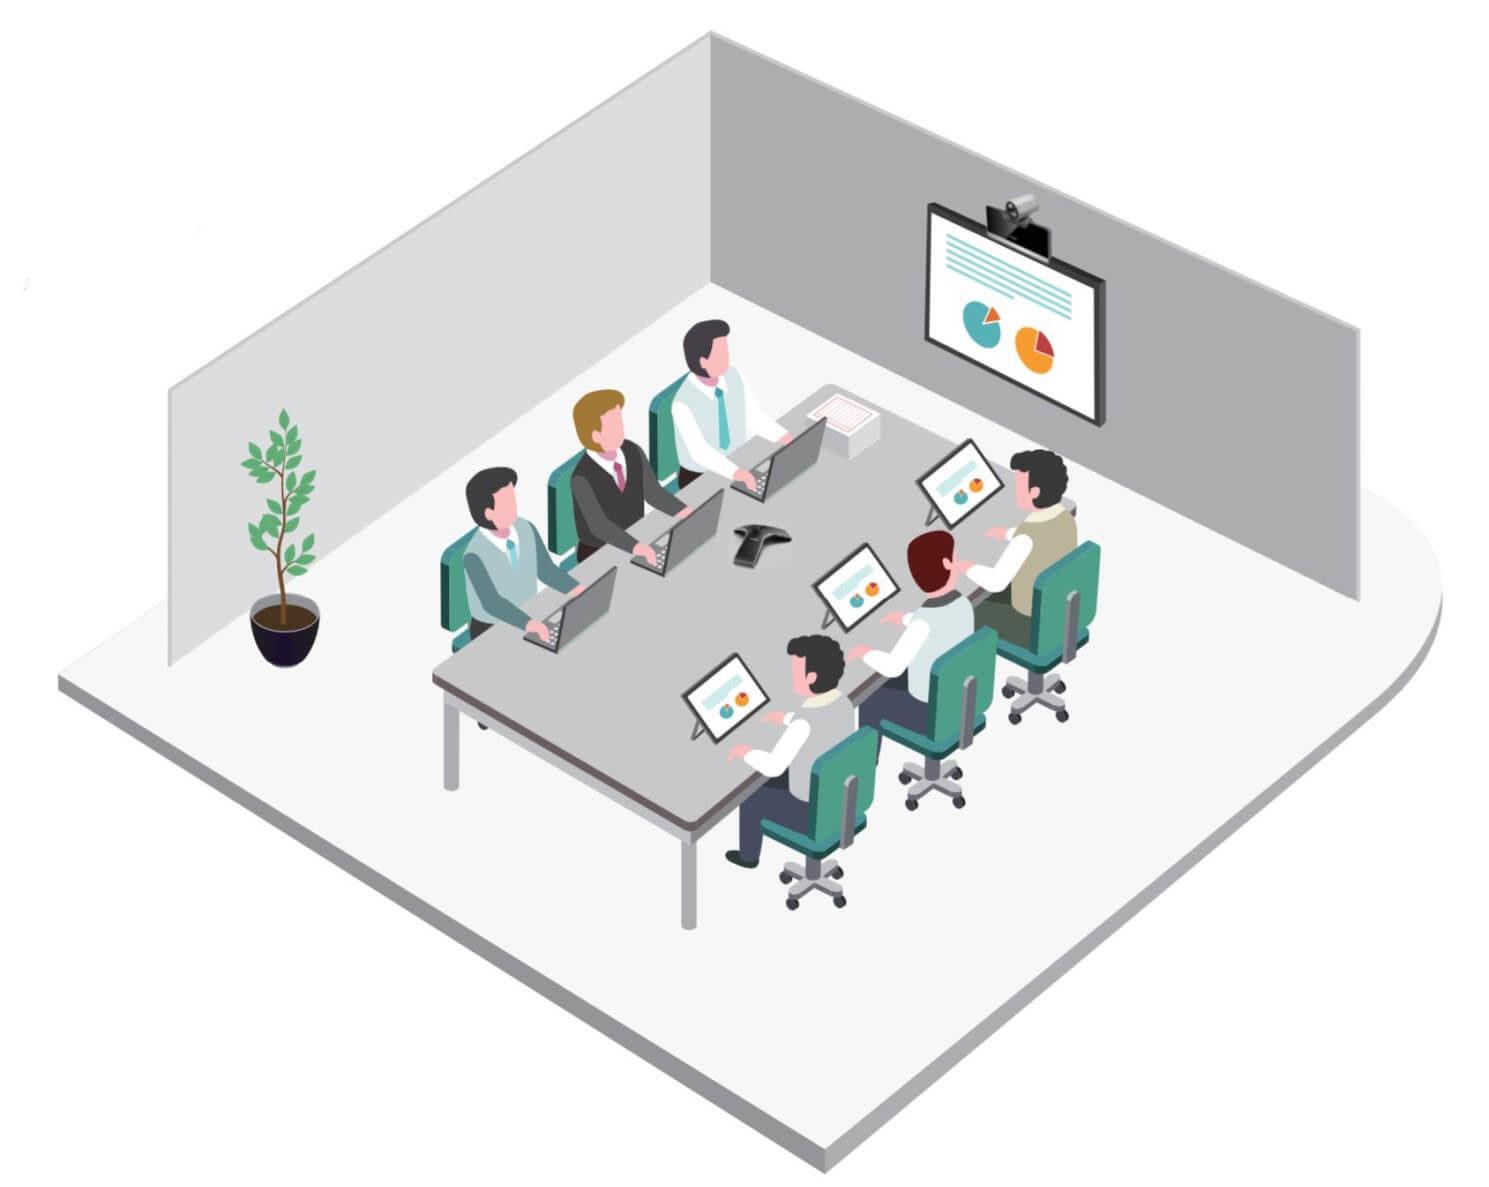 Yealink medium room video conferencing